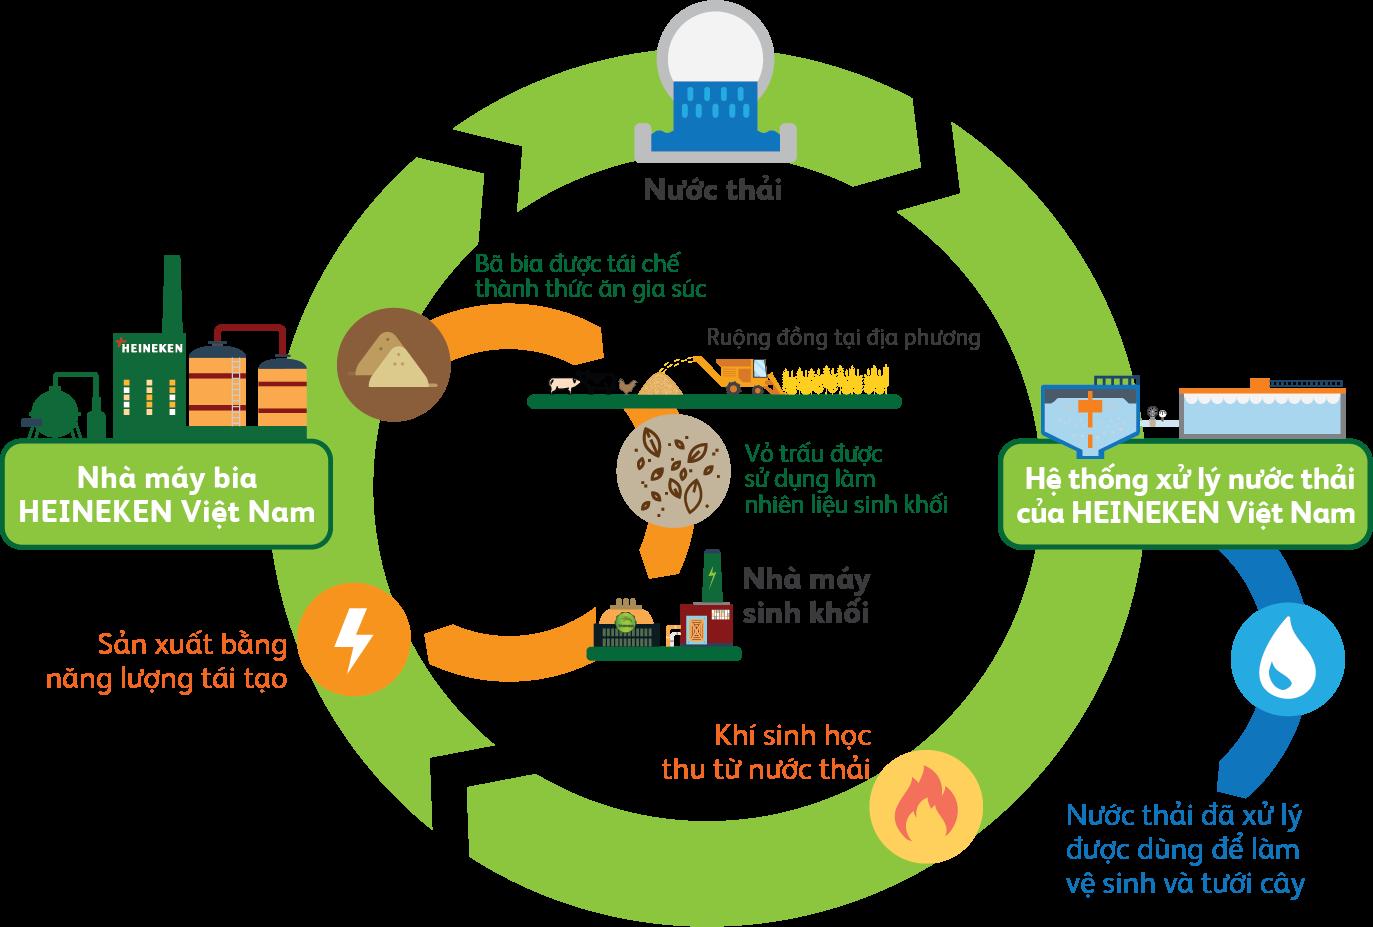 Một mô hình được HEINEKEN giới thiệu tại Hội nghị toàn quốc về Phát triển bền vững năm 2019. (Nguồn: báo cáo tại Hội nghị của HEINEKEN)